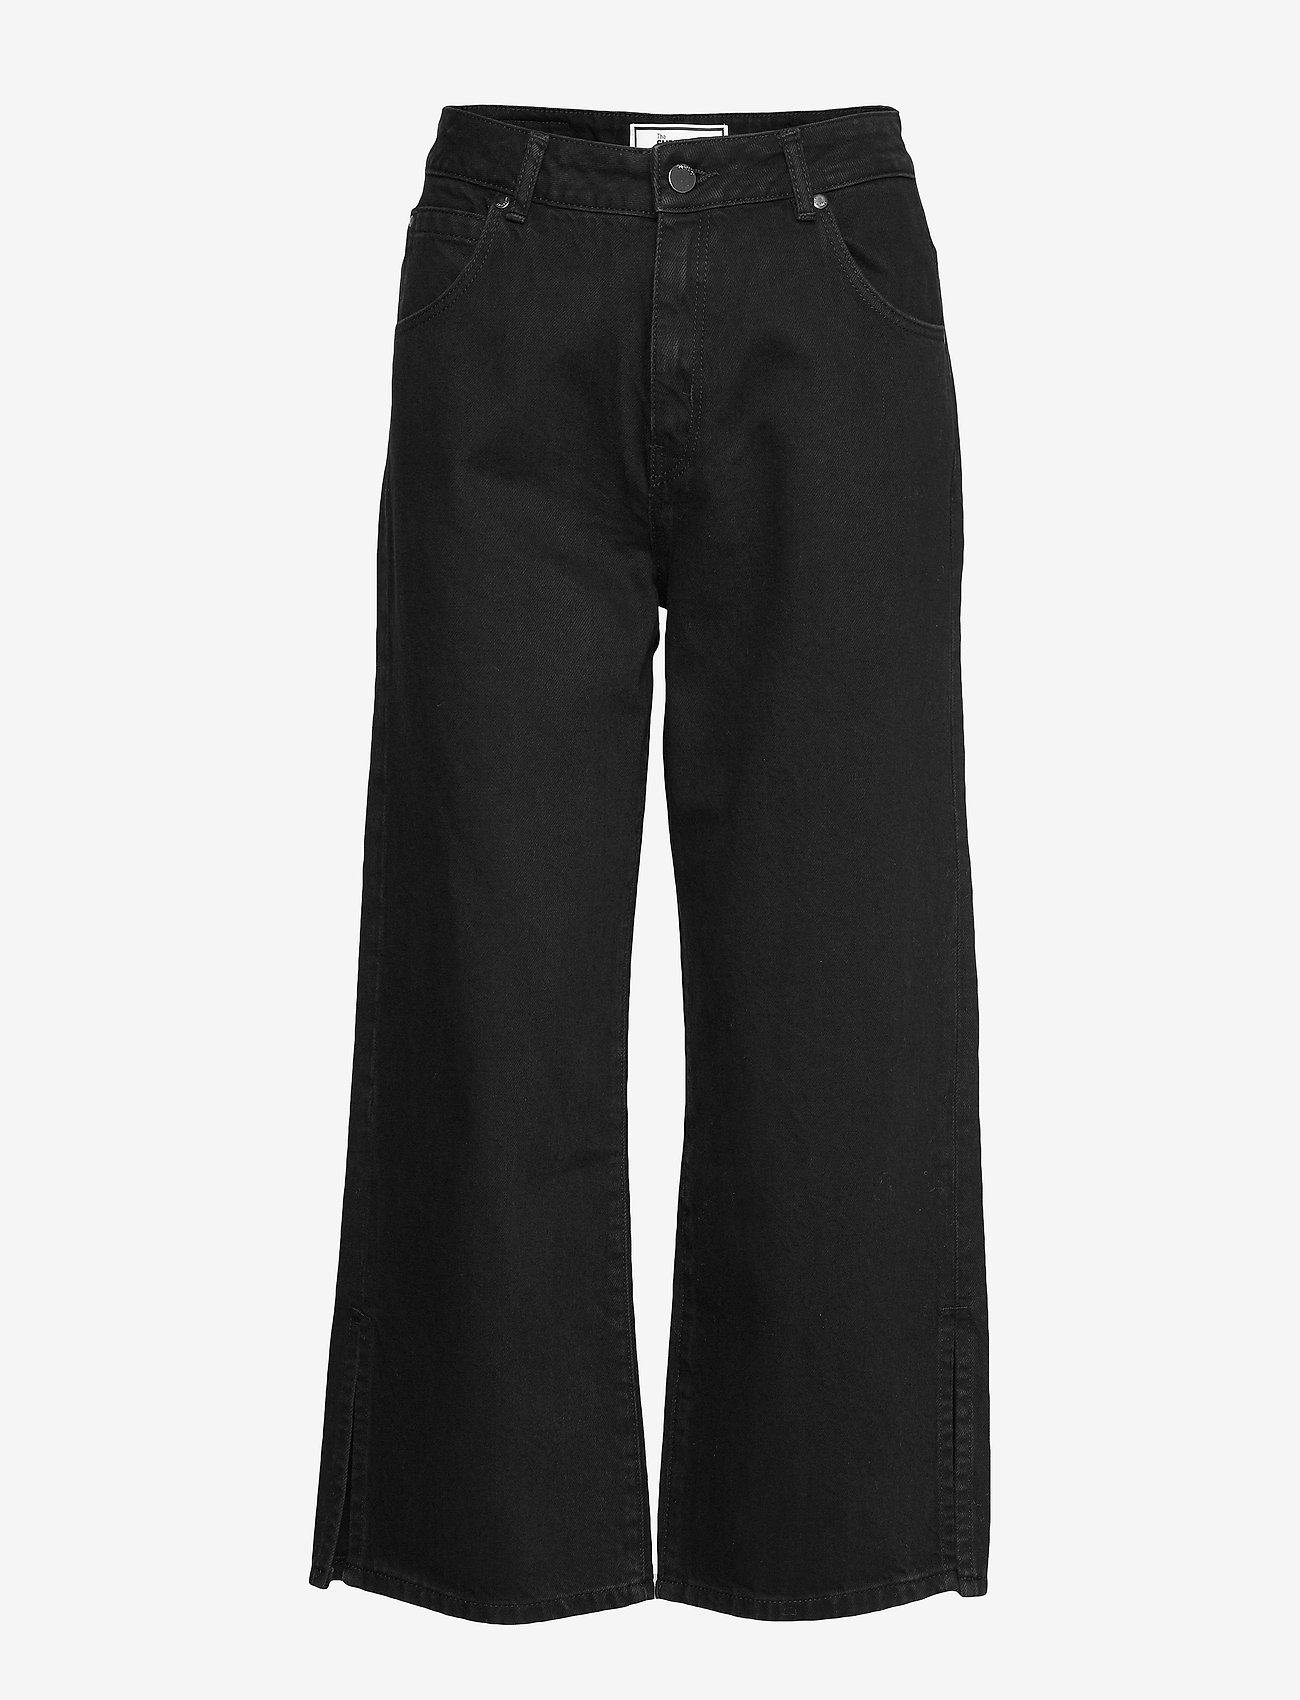 Superdry - EDIT WIDE LEG JEAN - broeken met wijde pijpen - denim black rinse - 0